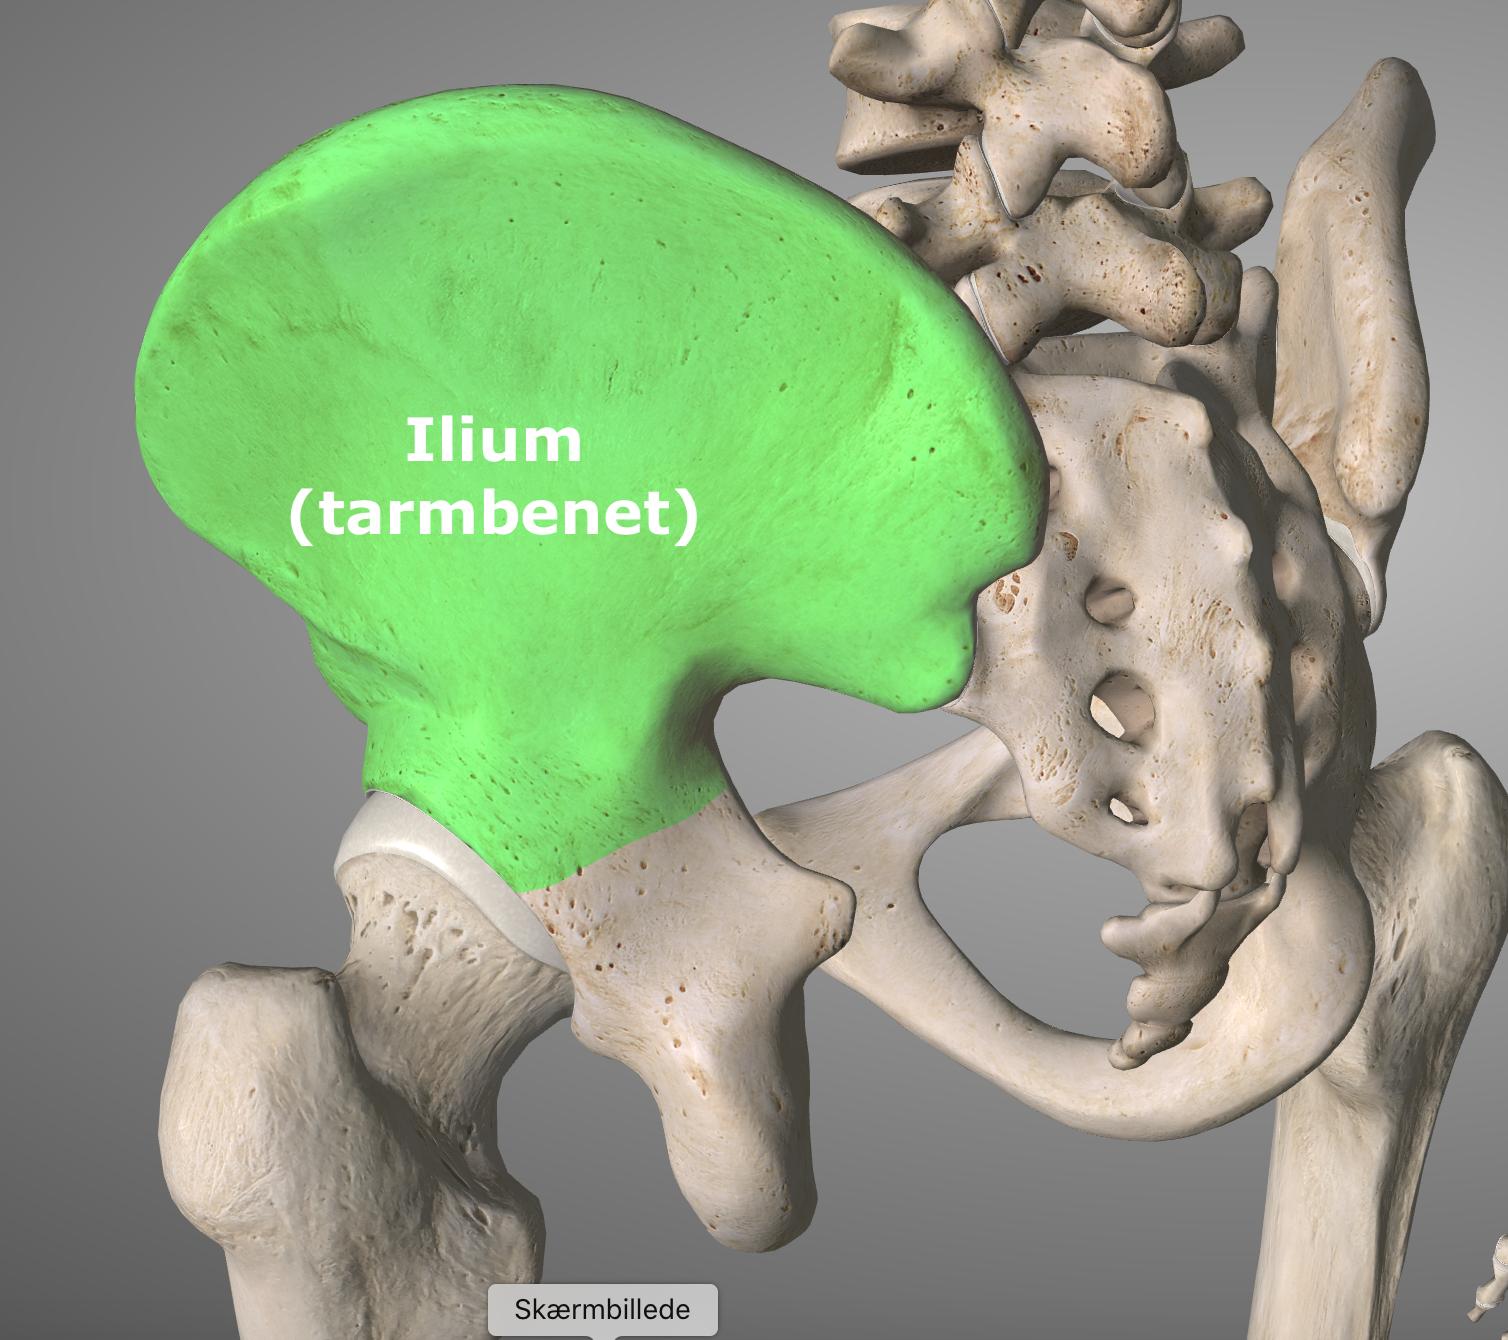 Bækkendysfunktioner ved ilium